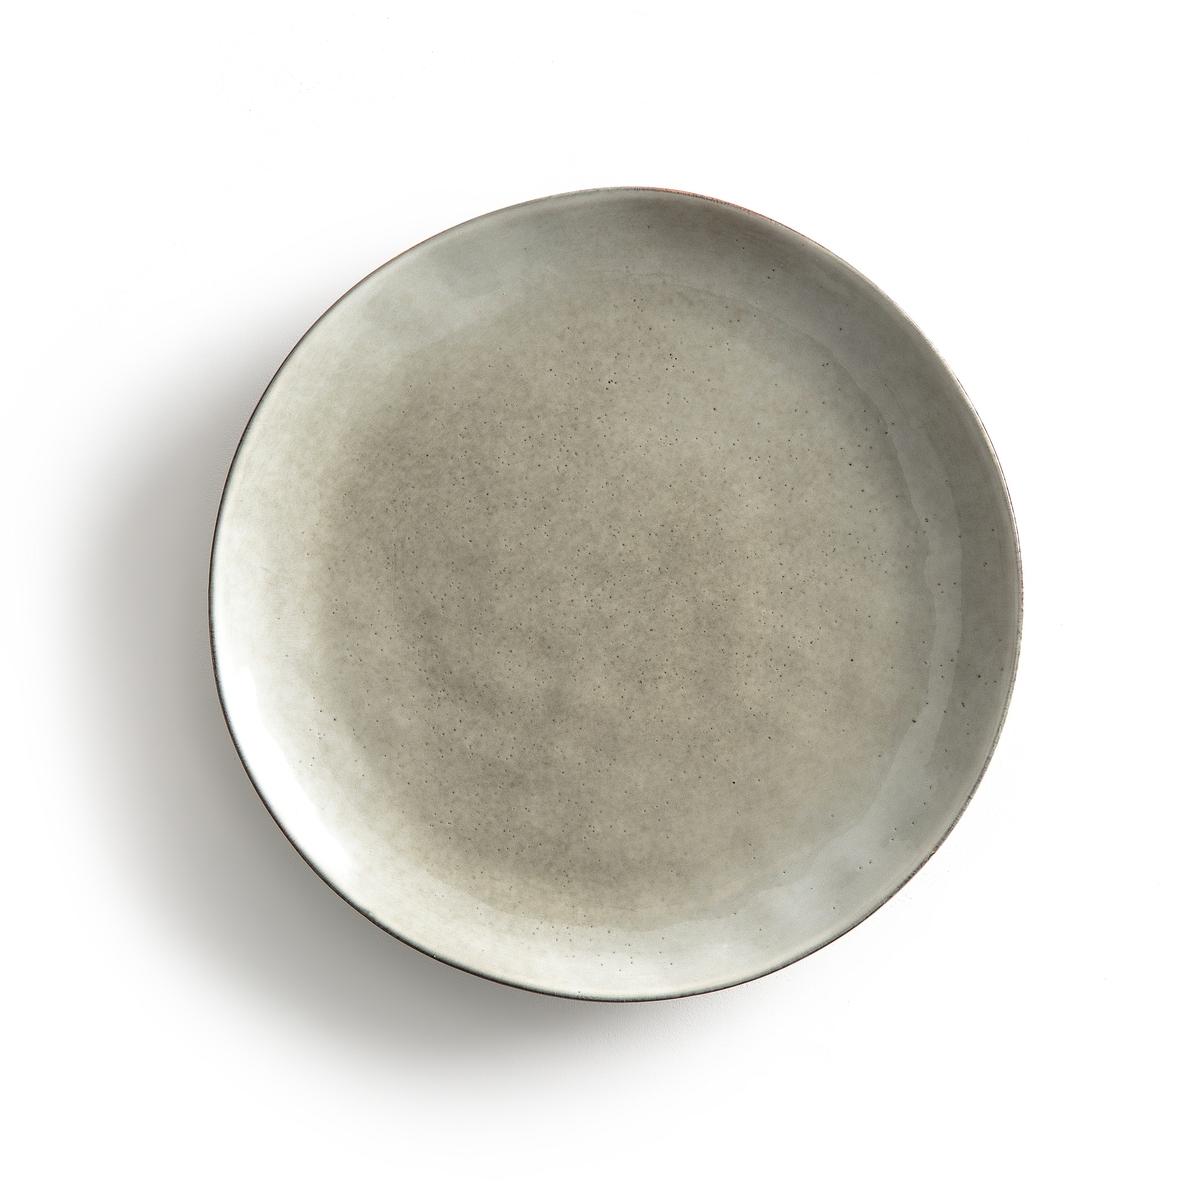 4 тарелки плоские из керамики HorciagОписание:4 тарелки плоские Horciag . Красивый малахитовый оттенок, создающий легкую атмосферу в стиле дзен .      Из керамики, покрытой глазурью. Подходят для использования в микроволновой печи и посудомоечной машине . Размеры : ?27,5 см . Найдите подходящие десертные тарелки на нашем сайте .<br><br>Цвет: серо-зеленый<br>Размер: единый размер